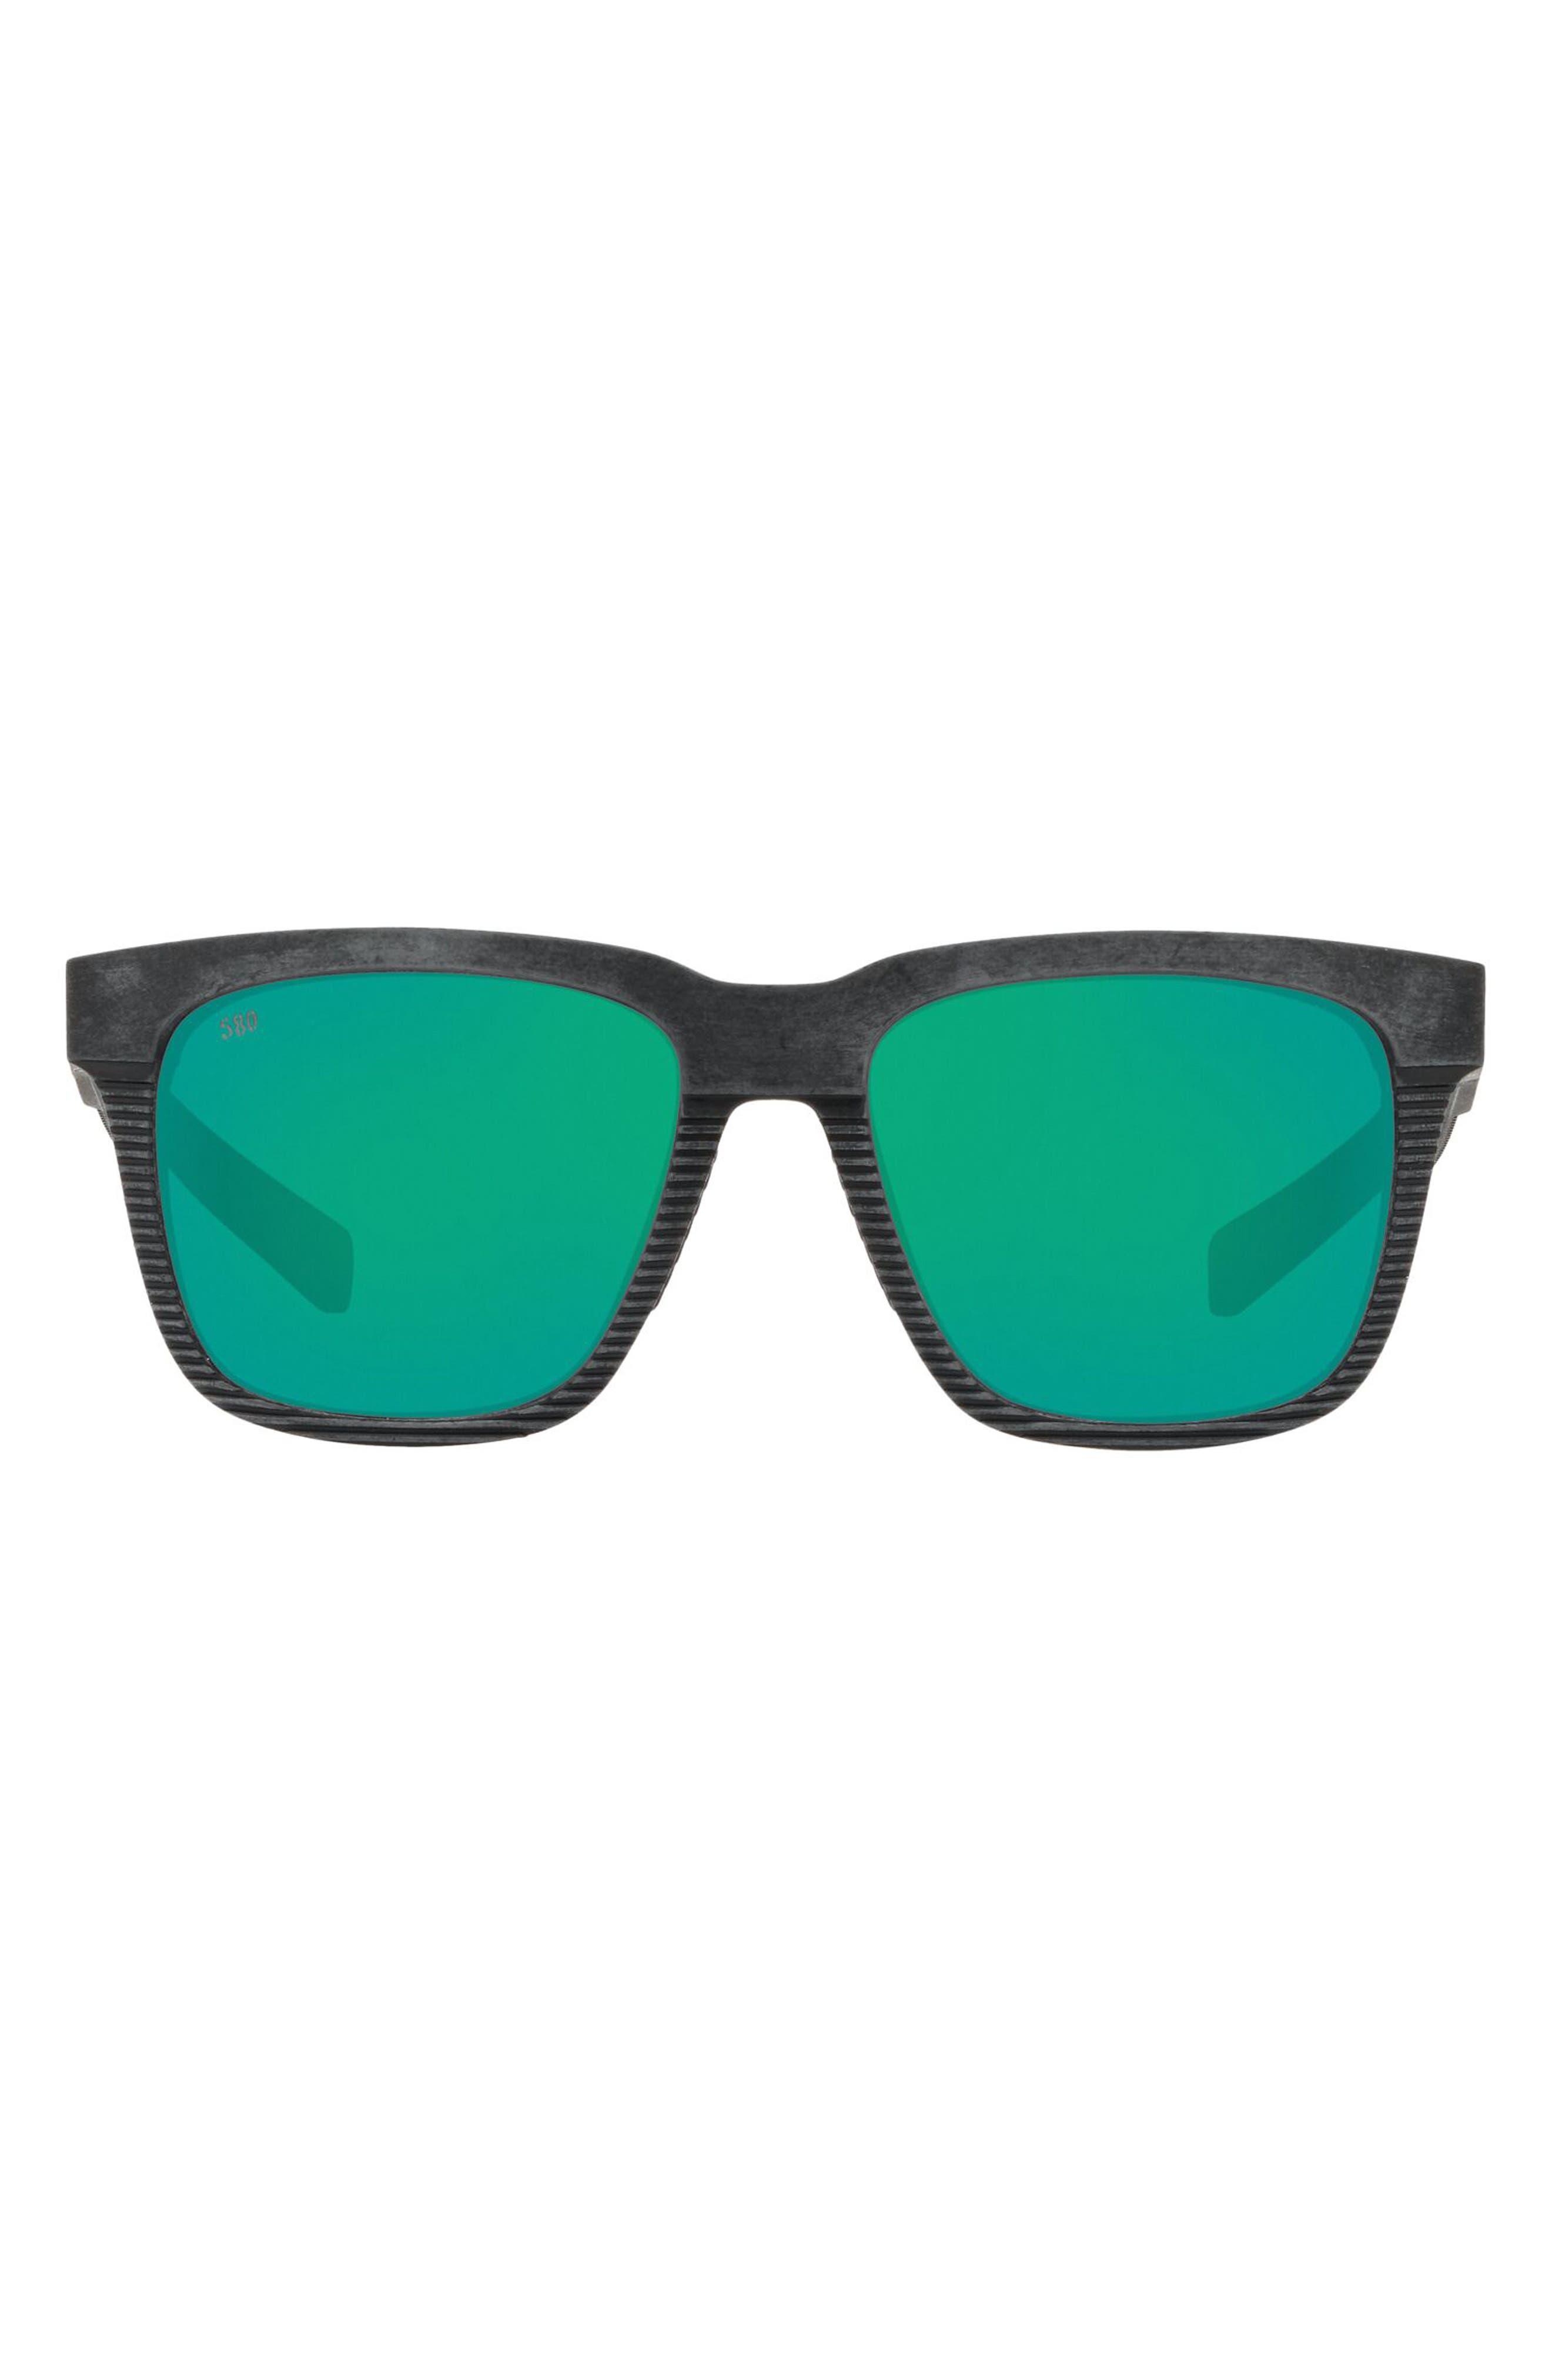 Pescador 55mm Mirrored Polarized Sunglasses